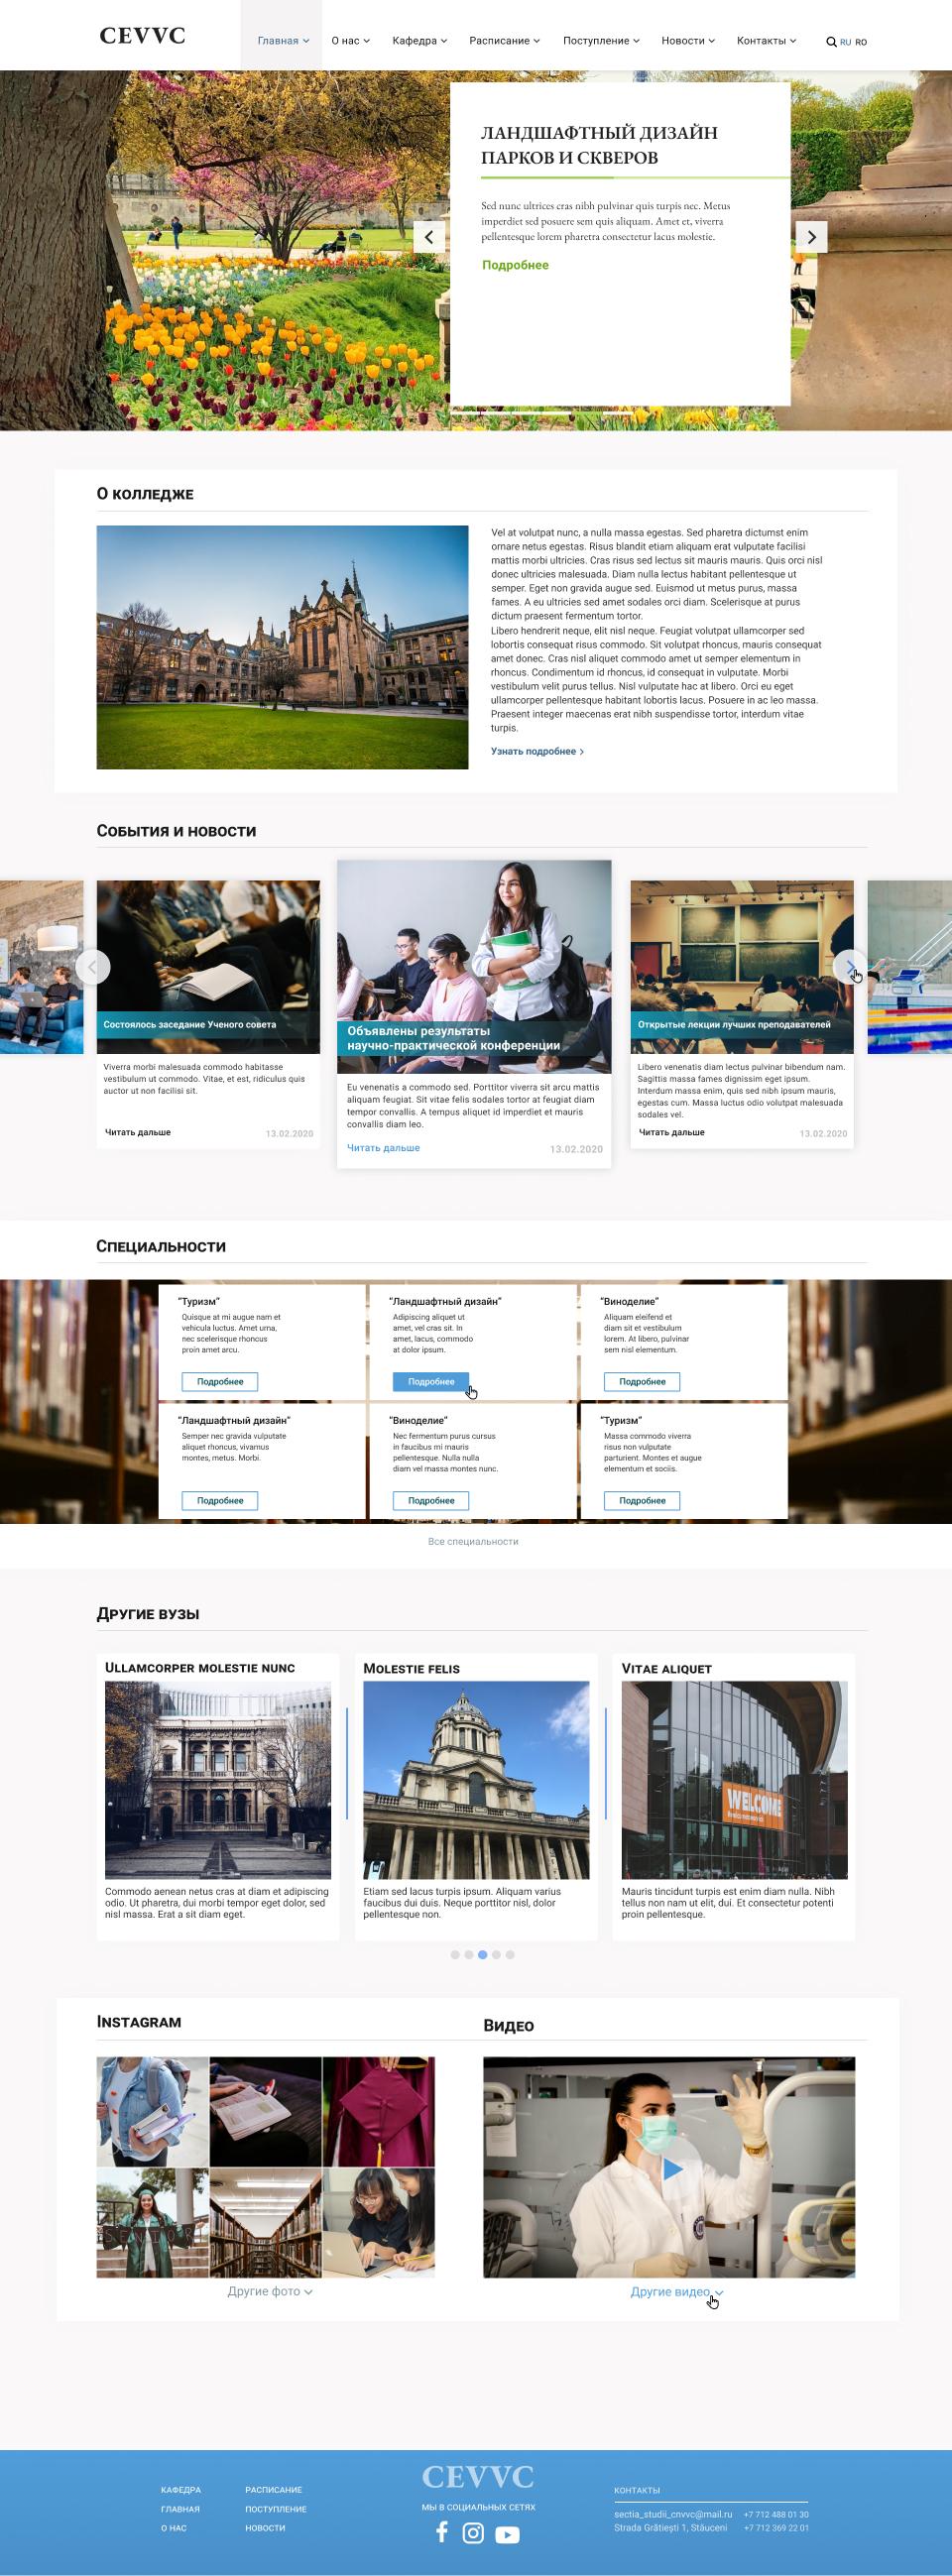 Разработка дизайна сайта колледжа фото f_9185e600cd2f0989.jpg